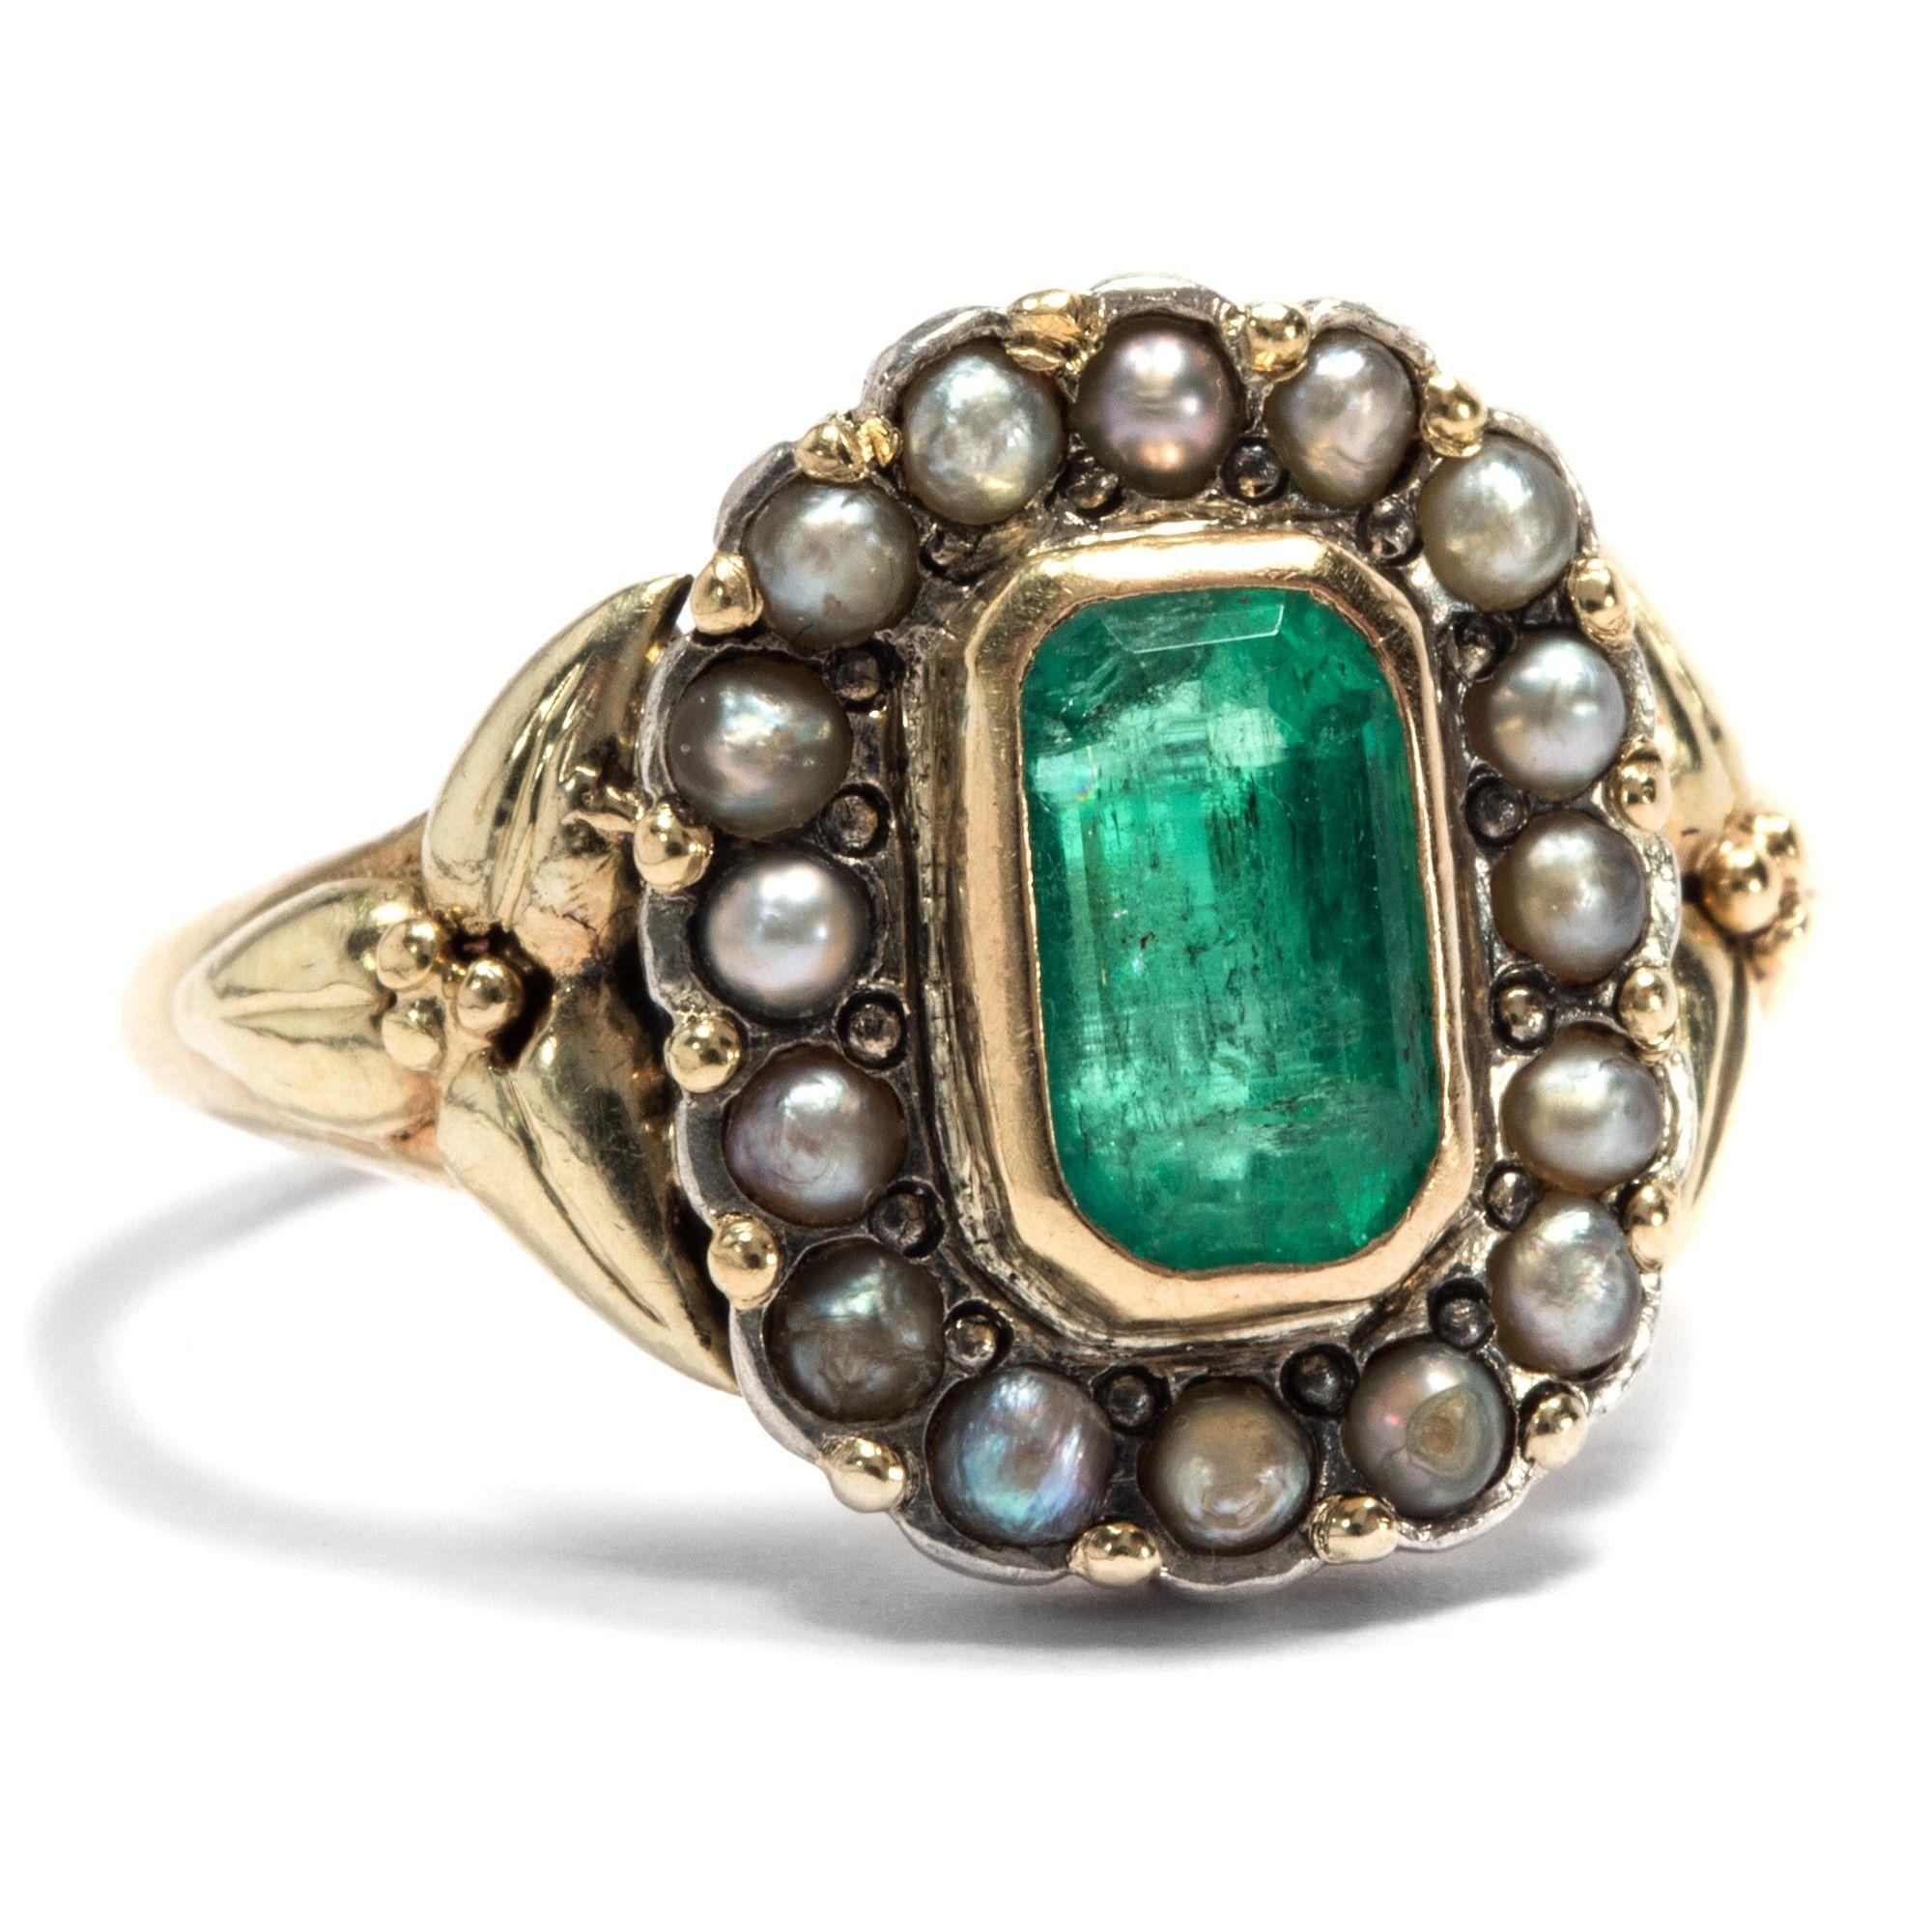 Antiker schmuck  Hope and devotion - Antiker Ring aus Gold mit Smaragd und Perlen ...